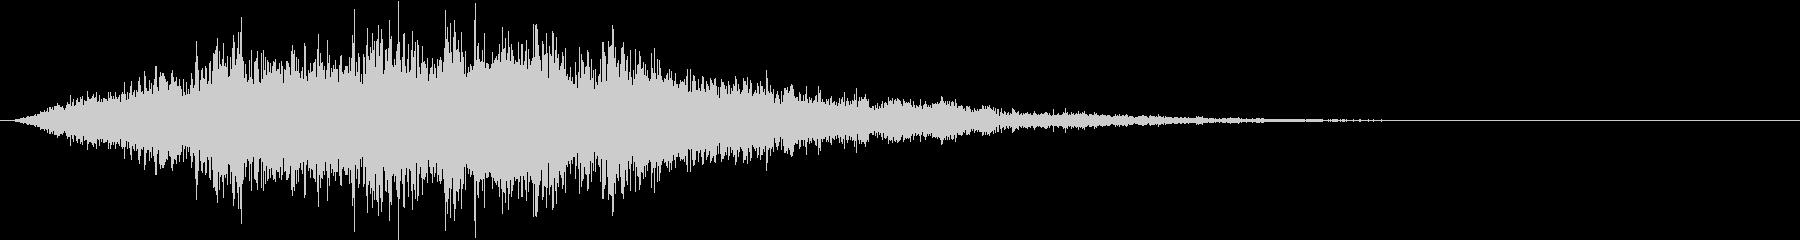 シュワーン(魔法・エフェクト音)の未再生の波形